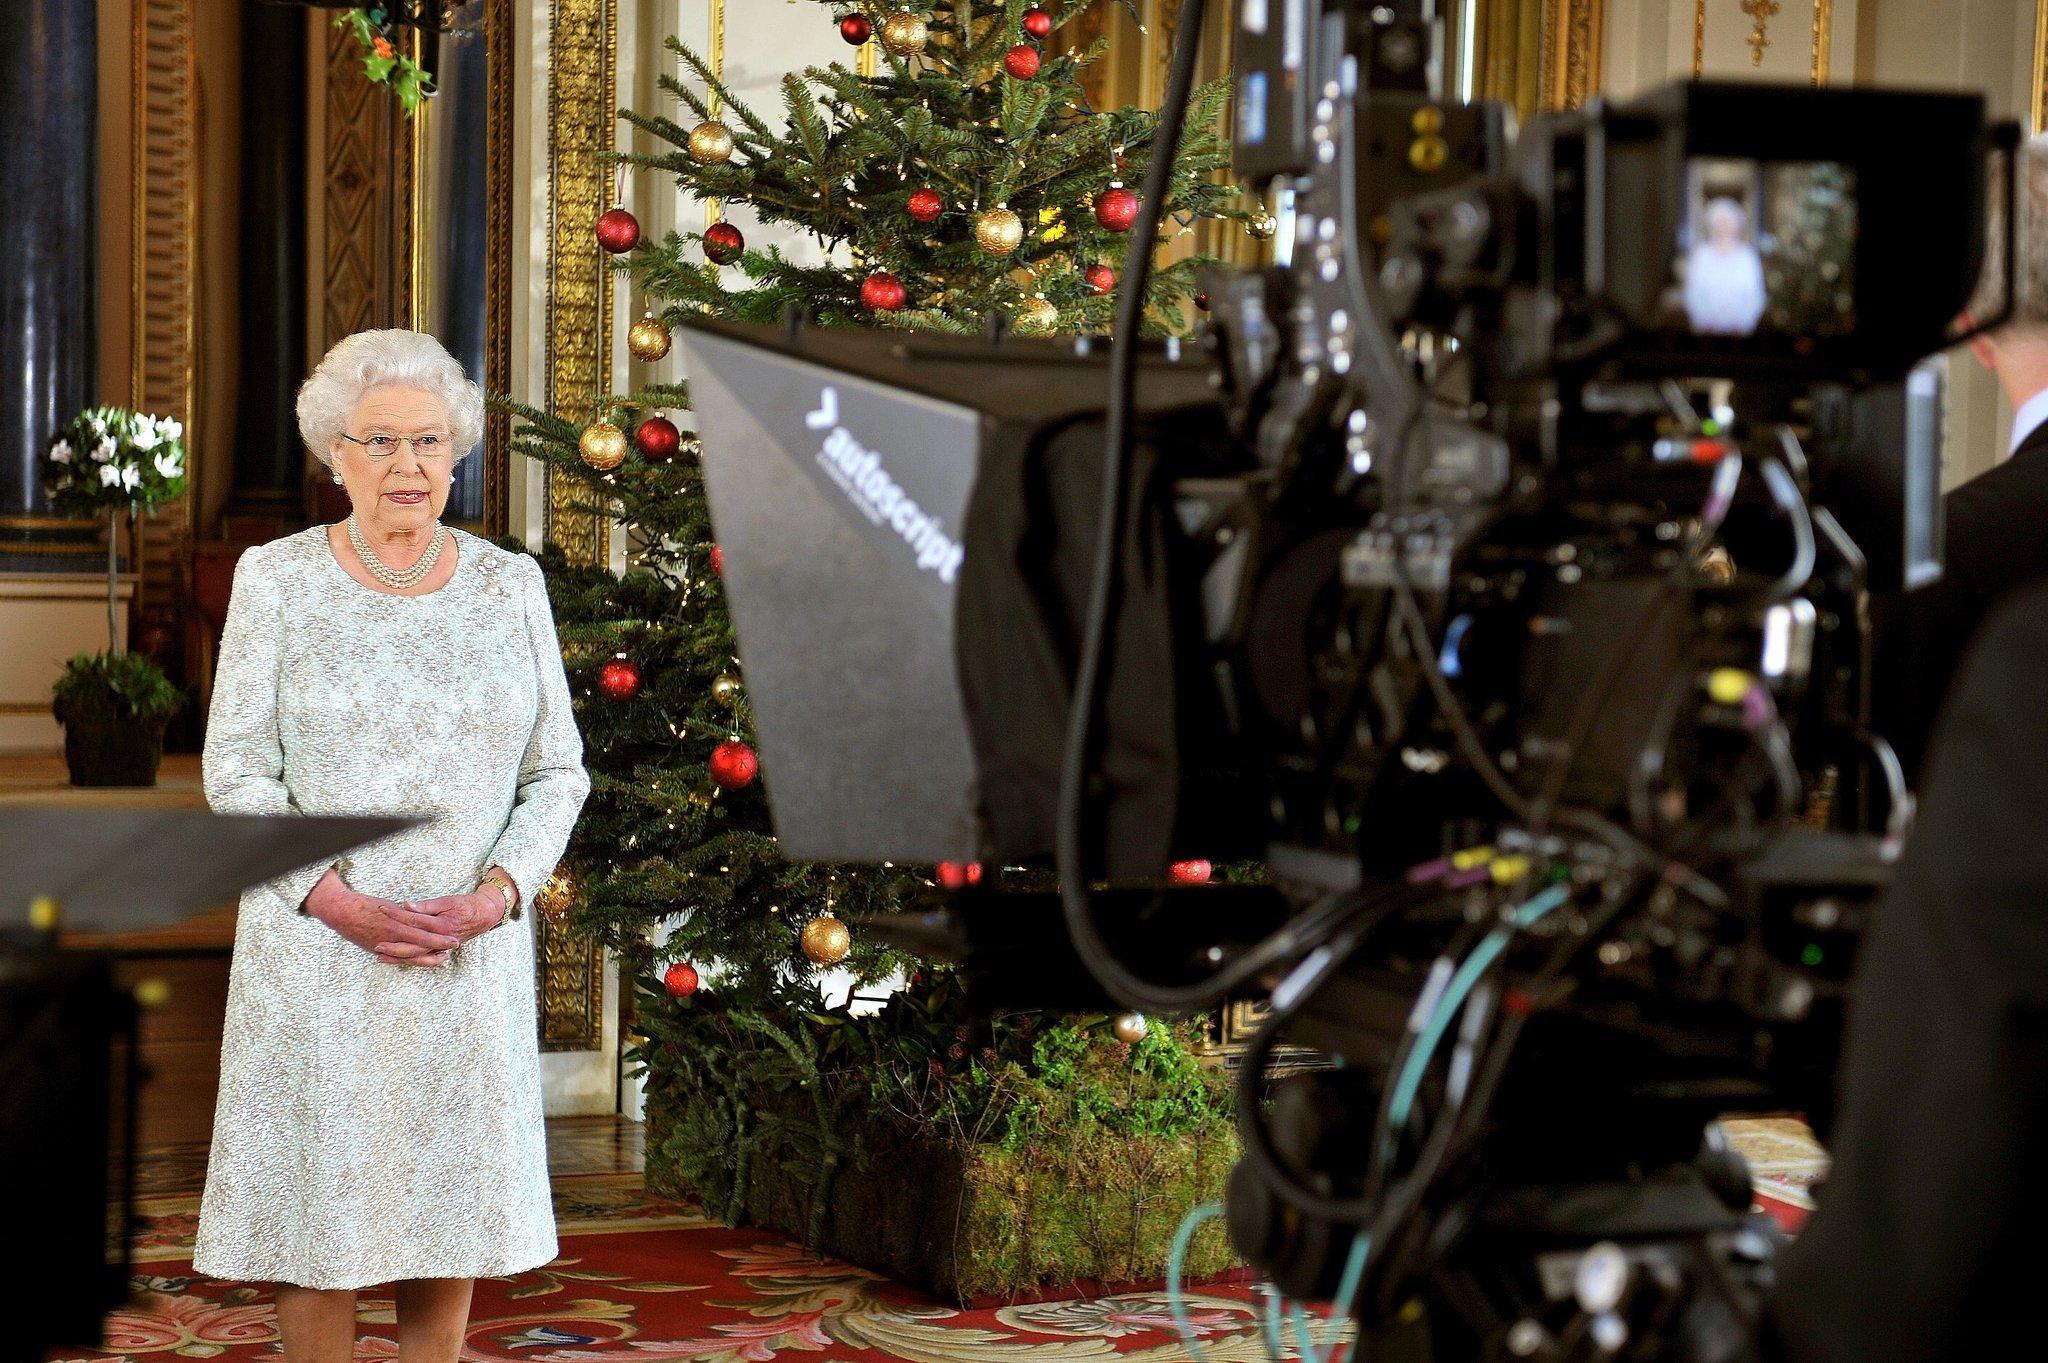 queen-elizabeth-ii-recorded-her-christmas-message-commonwealth.jpg